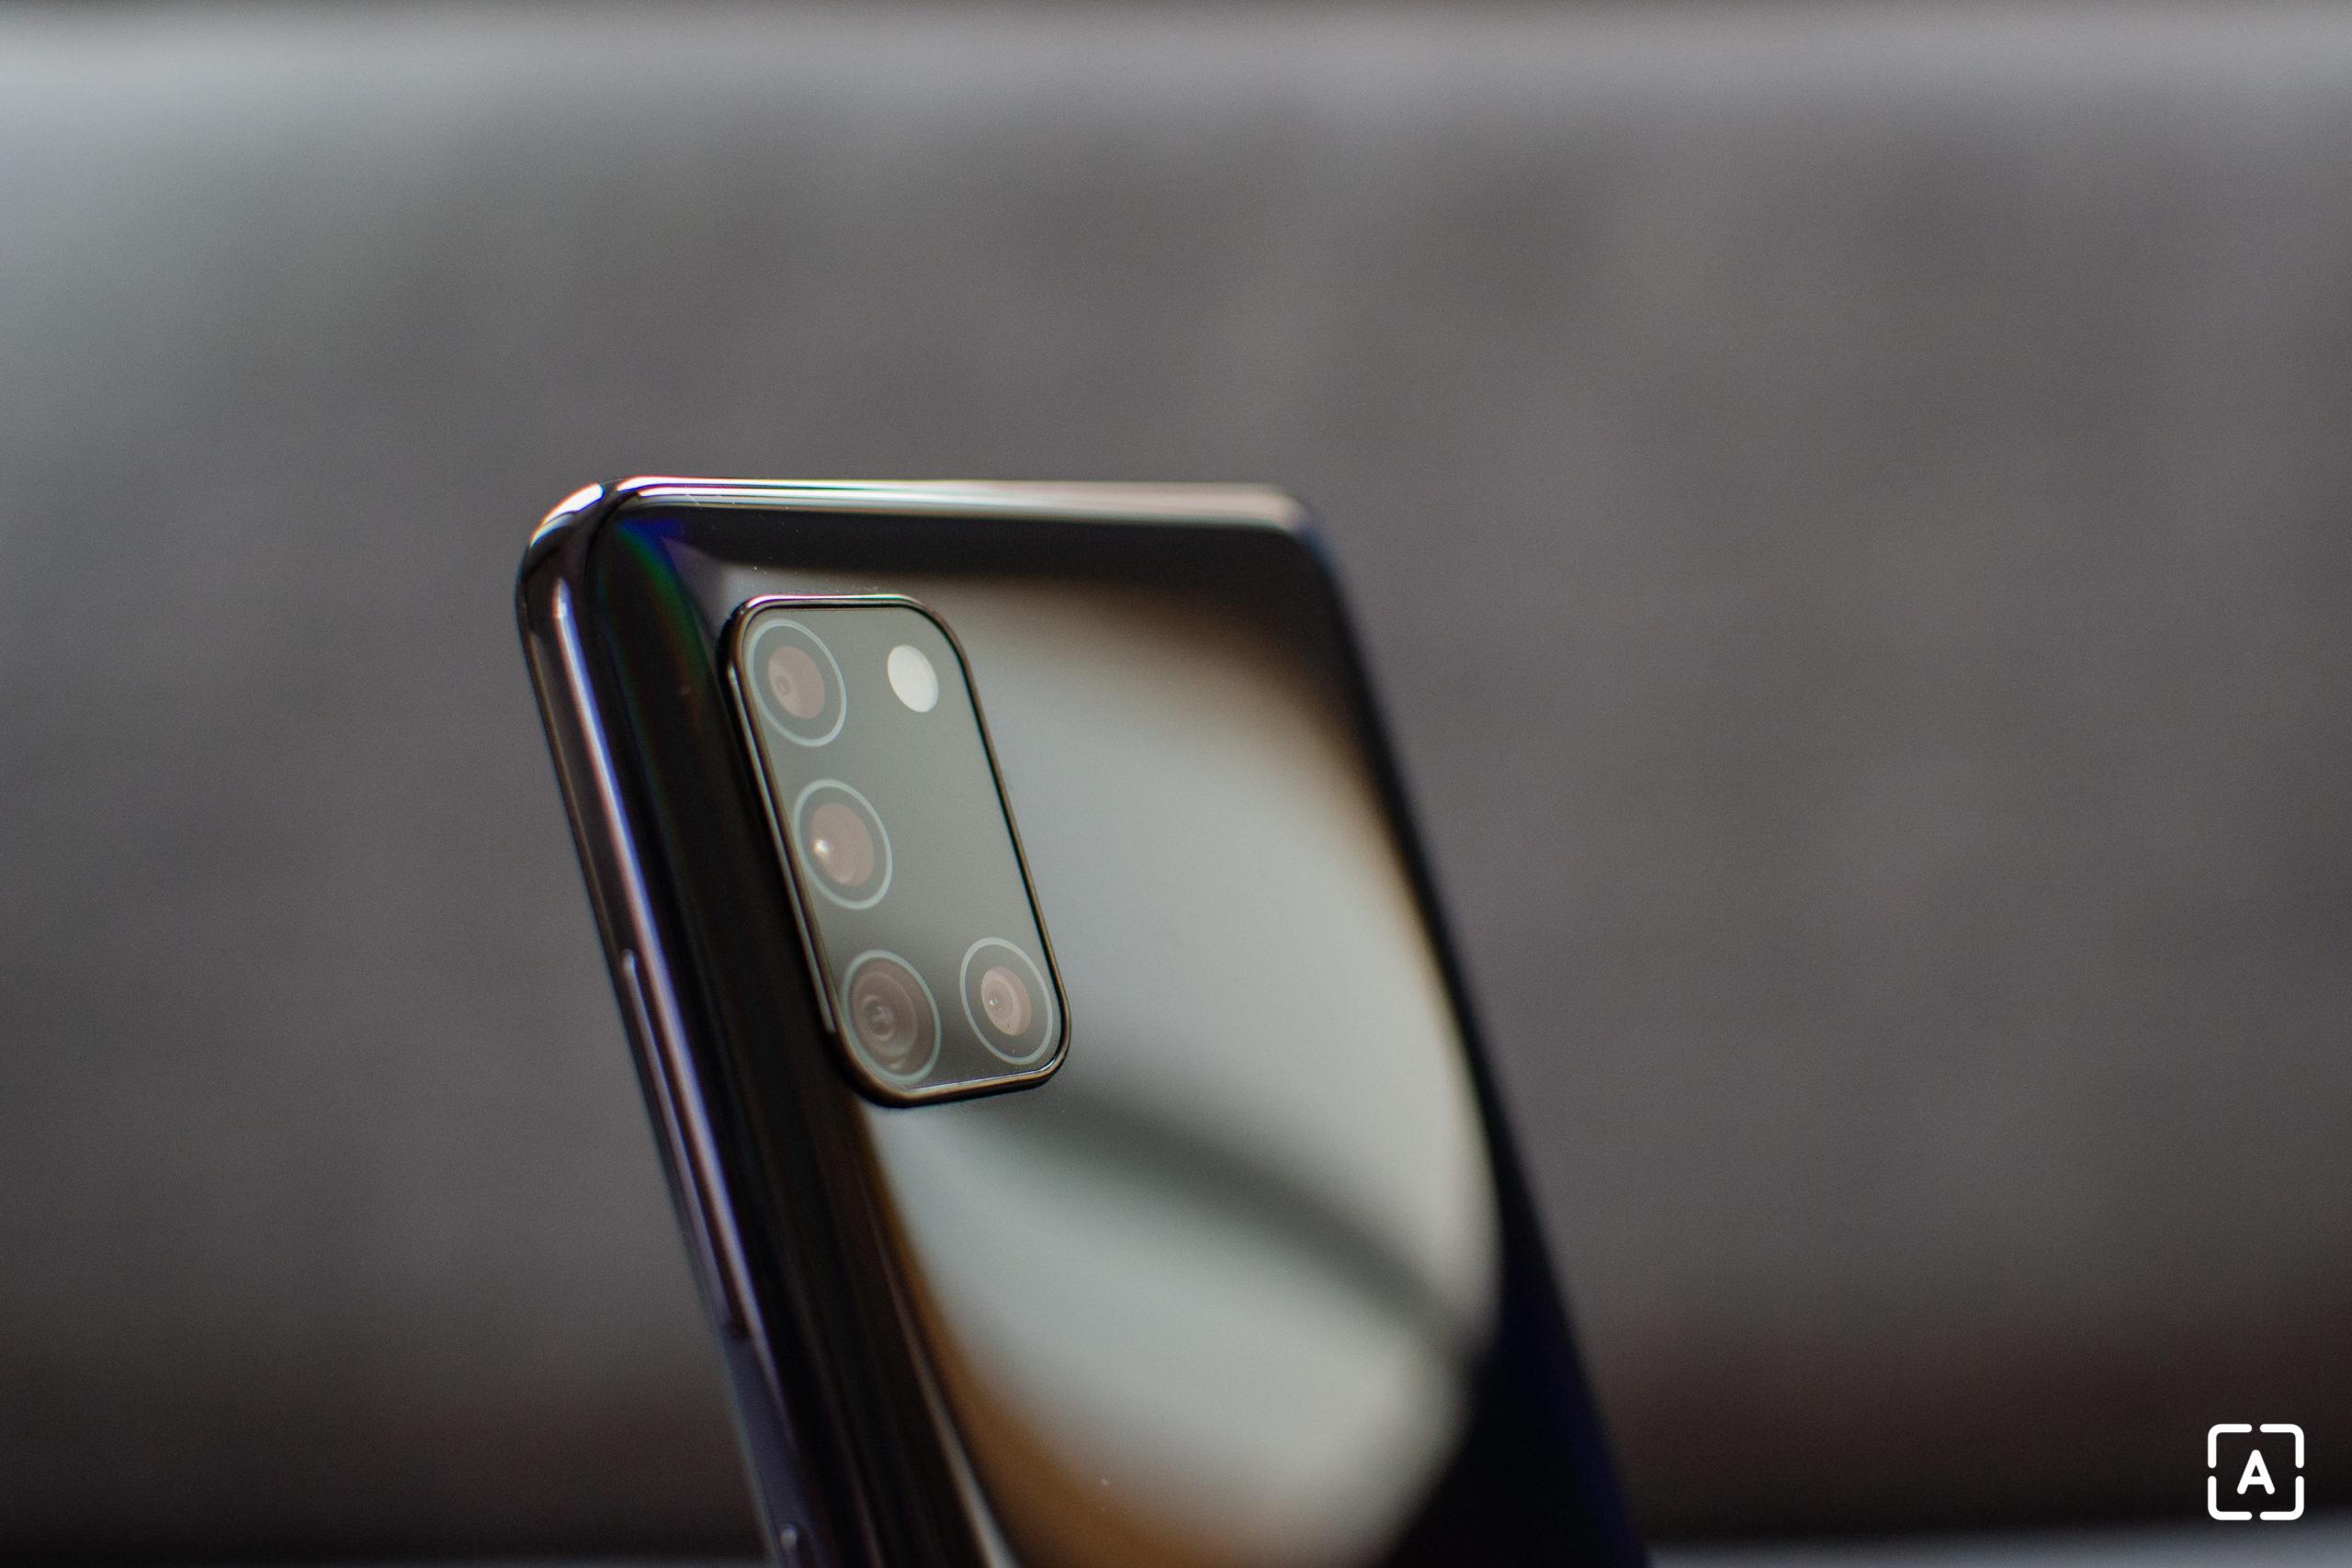 Samsung Galaxy A31 One UI 2.5